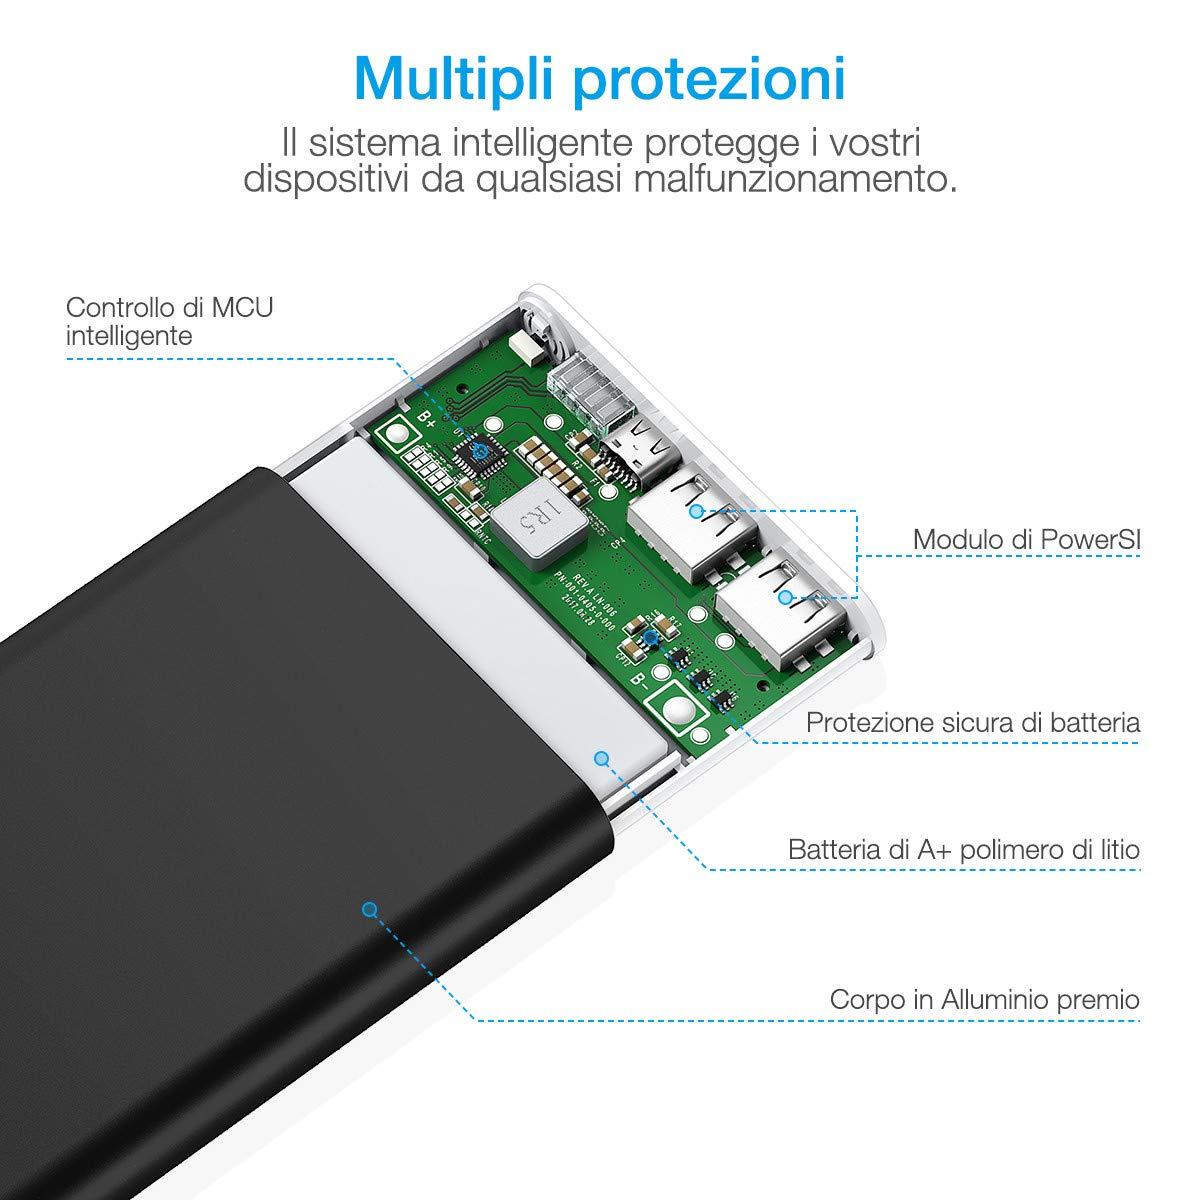 POWERADD Pilot 2GS Powerbank da 10000mAh - Caricabatterie portatile con 2 Uscite 3.1A+3.1A - Batteria Esterna per iPhone, iPad, iPod, Samsung e tanti altri Phone - NERO